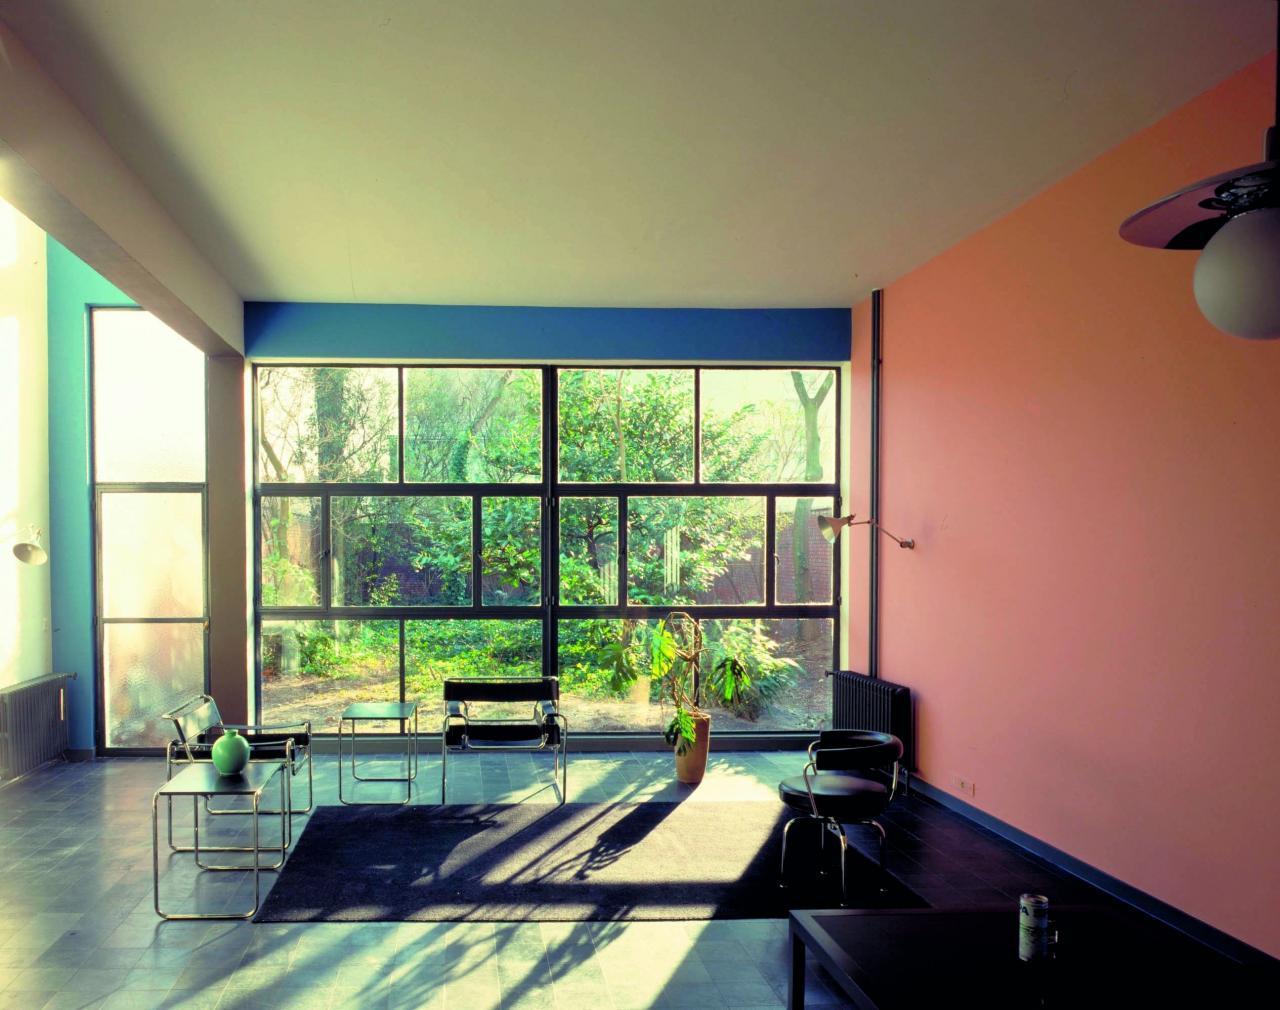 Le Corbusier Werke : das architektonische werk von le corbusier ein herausragender beitrag zur moderne deutsche ~ A.2002-acura-tl-radio.info Haus und Dekorationen